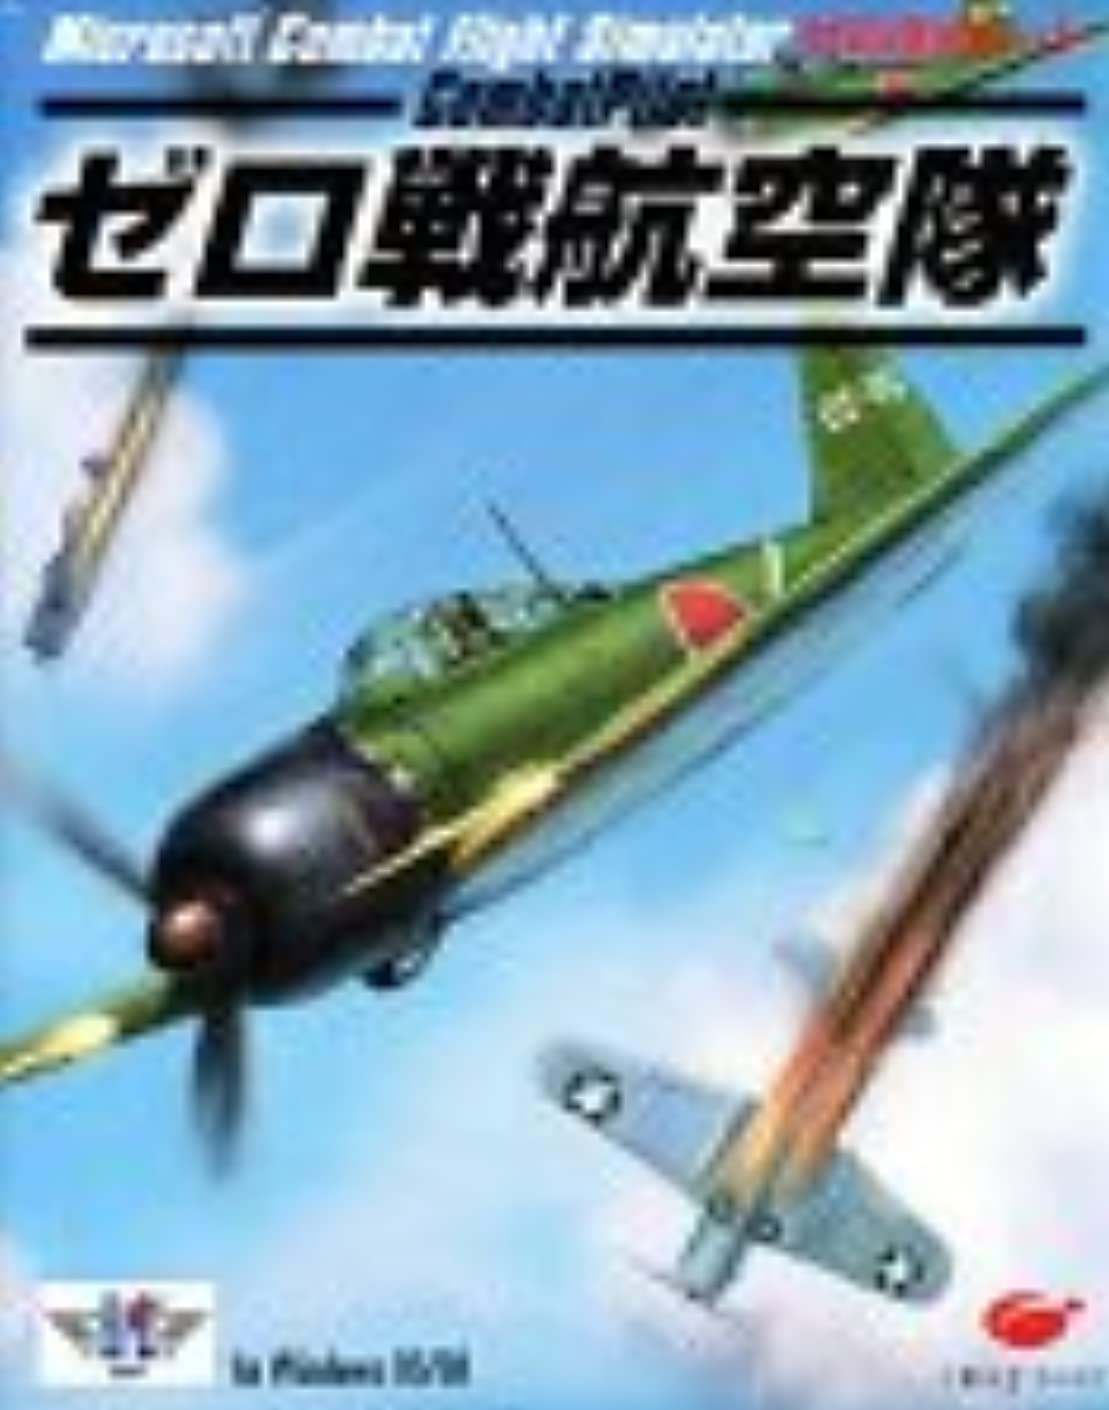 昆虫クリーナージャニスCombat Pilot ゼロ戦航空隊